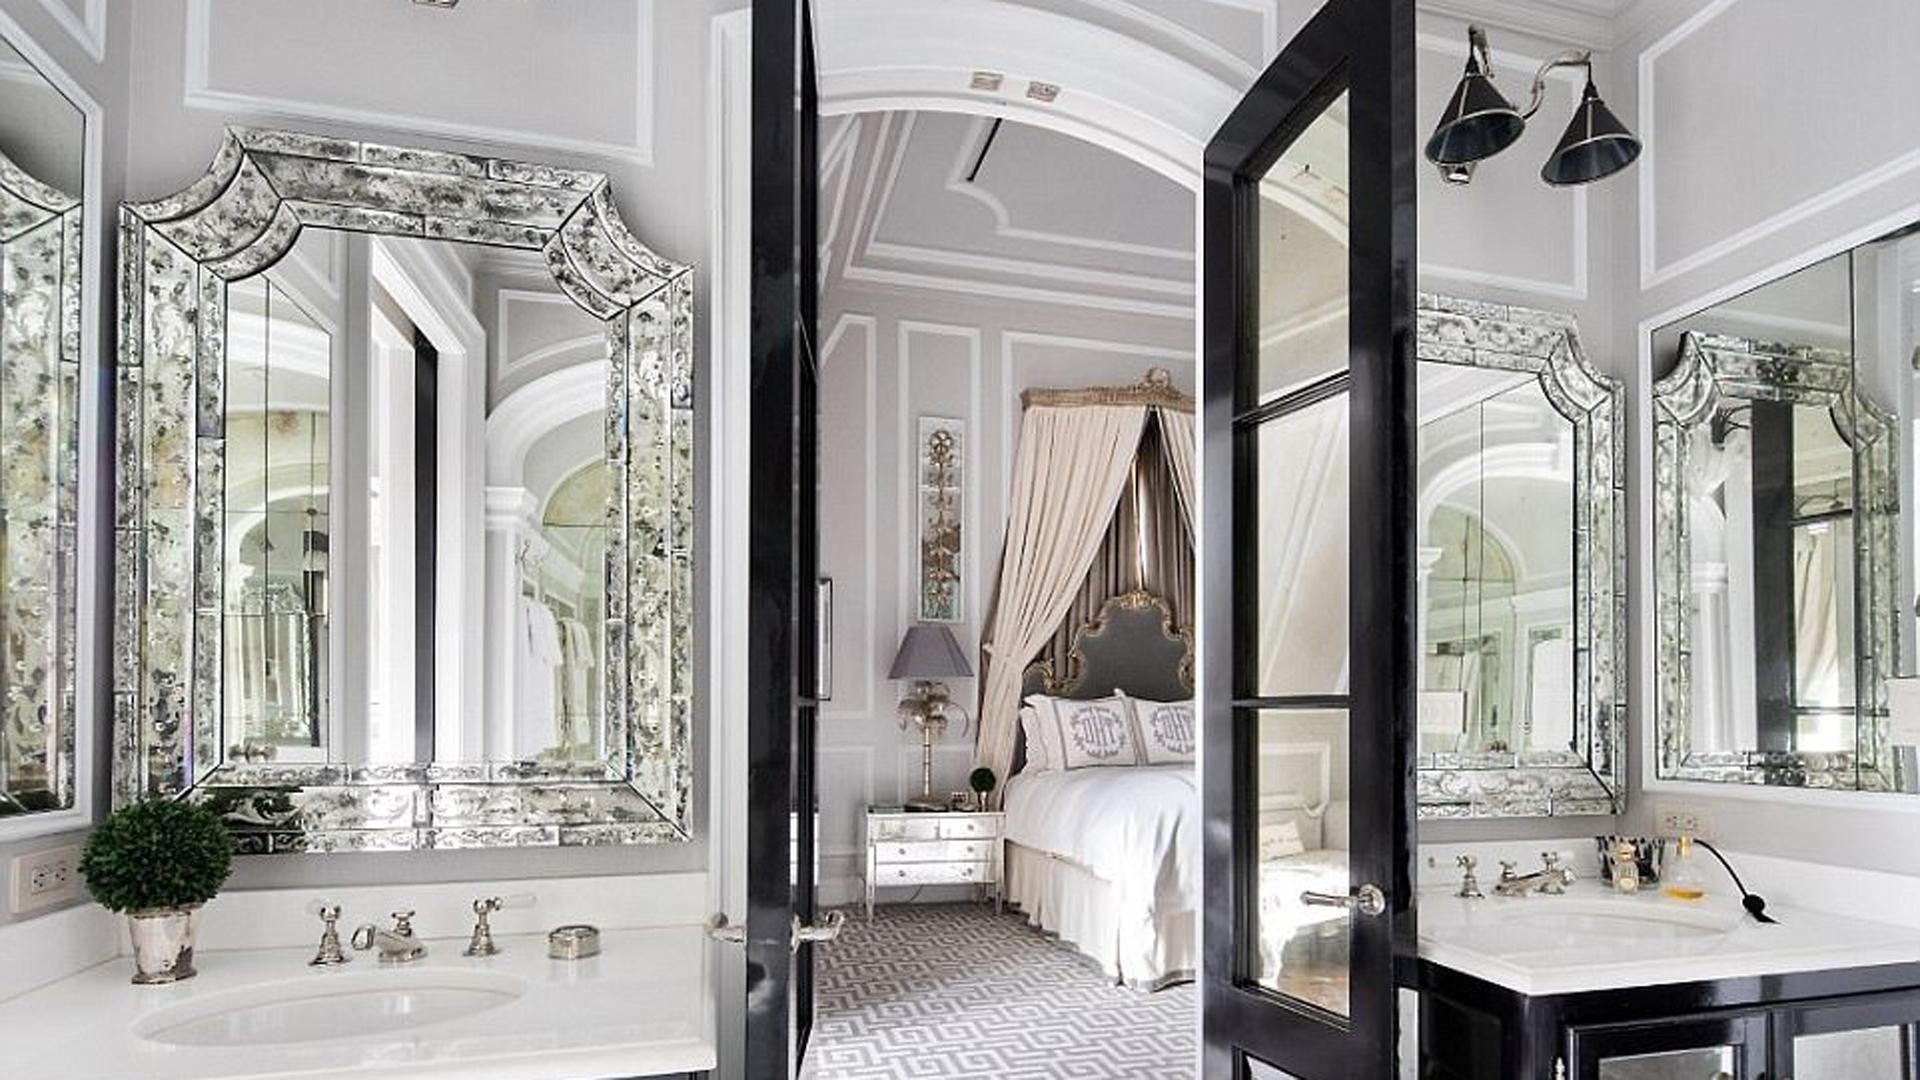 Dividido en dos pisos, las habitaciones se encuentran en el segundo y cada una de ellas posee baños y vestidores